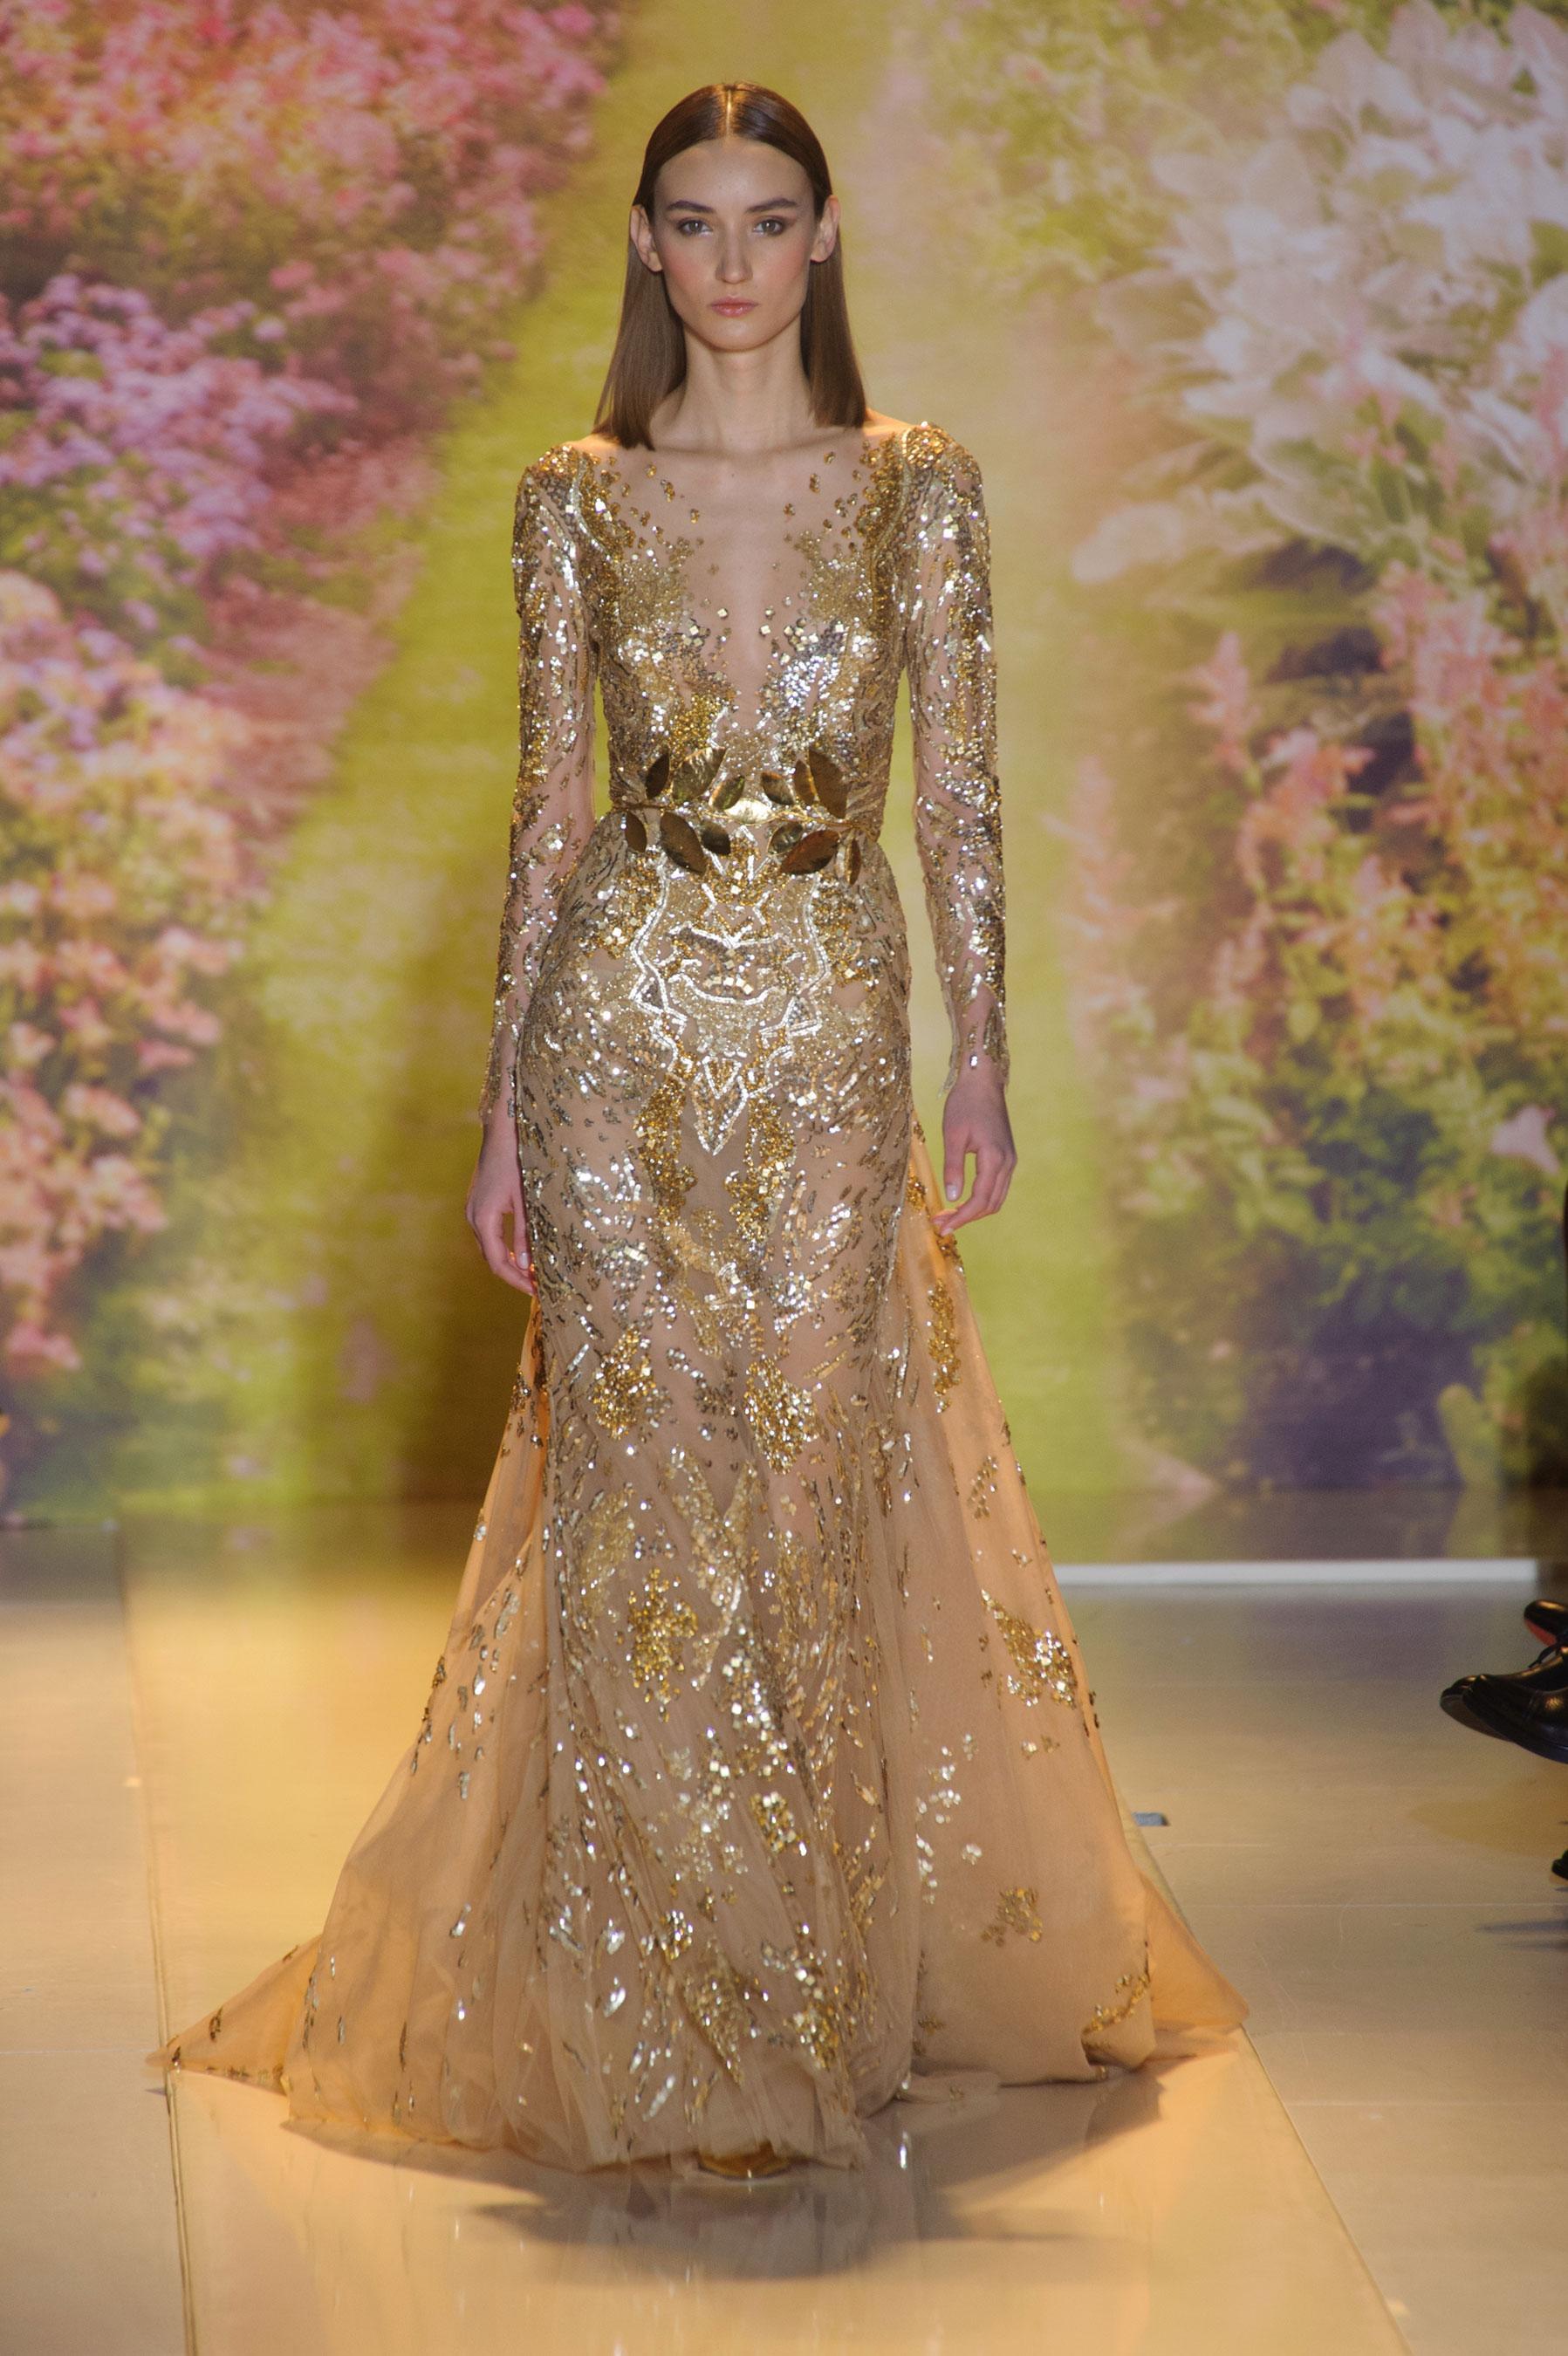 D  233 fil  233  Zuhair Murad  haute couture printemps-  233 t  233  2014  Paris Zuhair Murad Haute Couture 2014